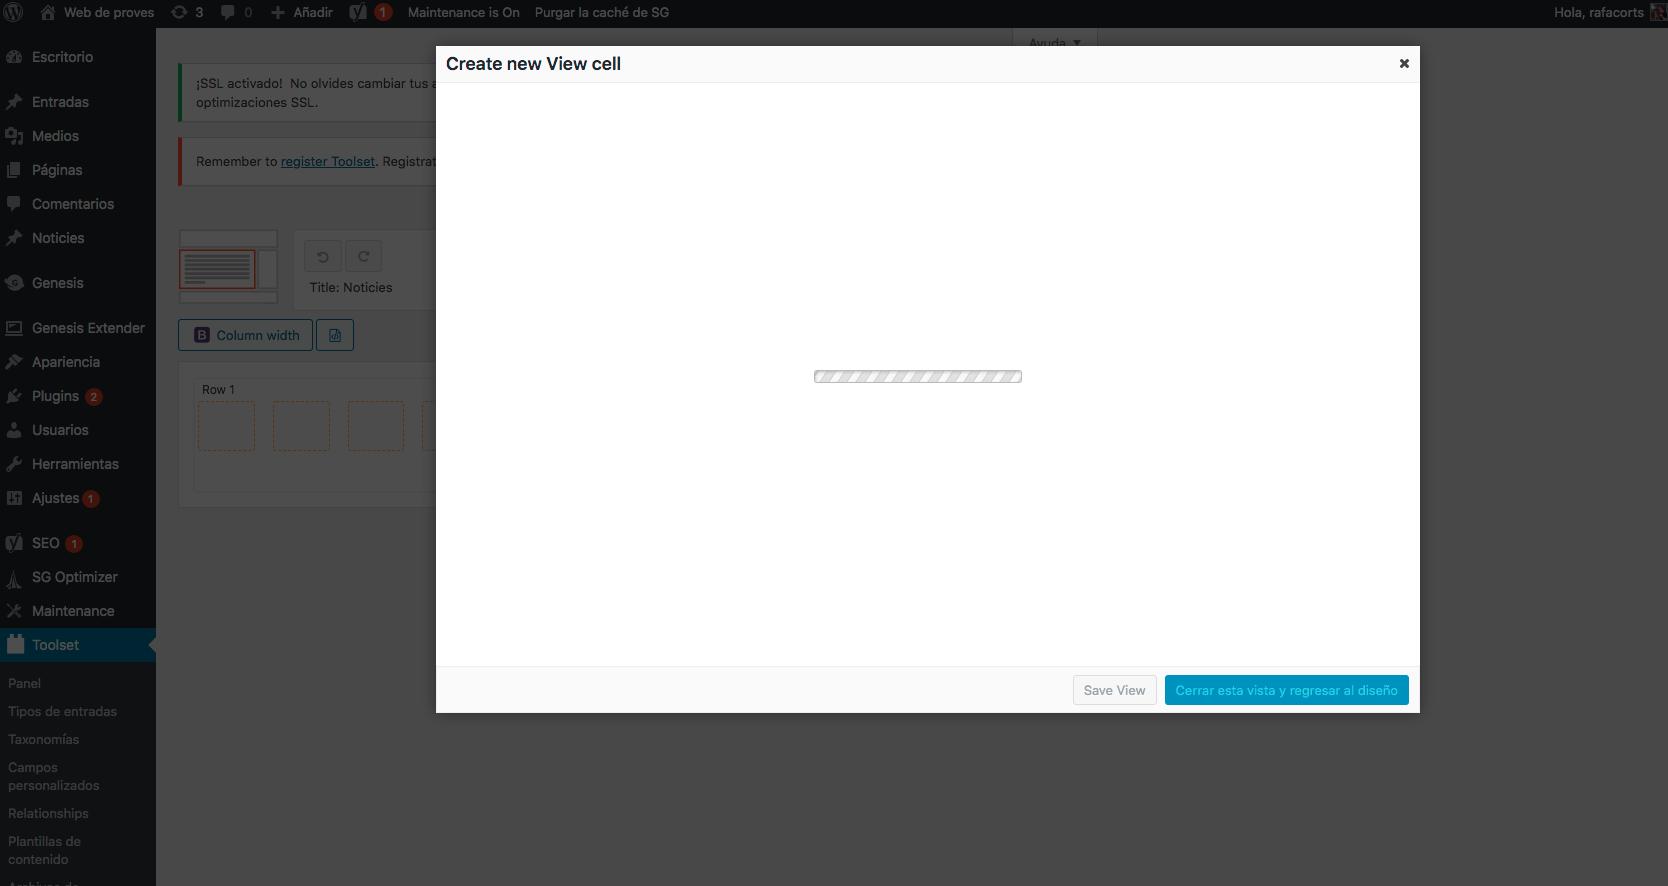 Captura de pantalla 2020-01-18 12.06.20.png